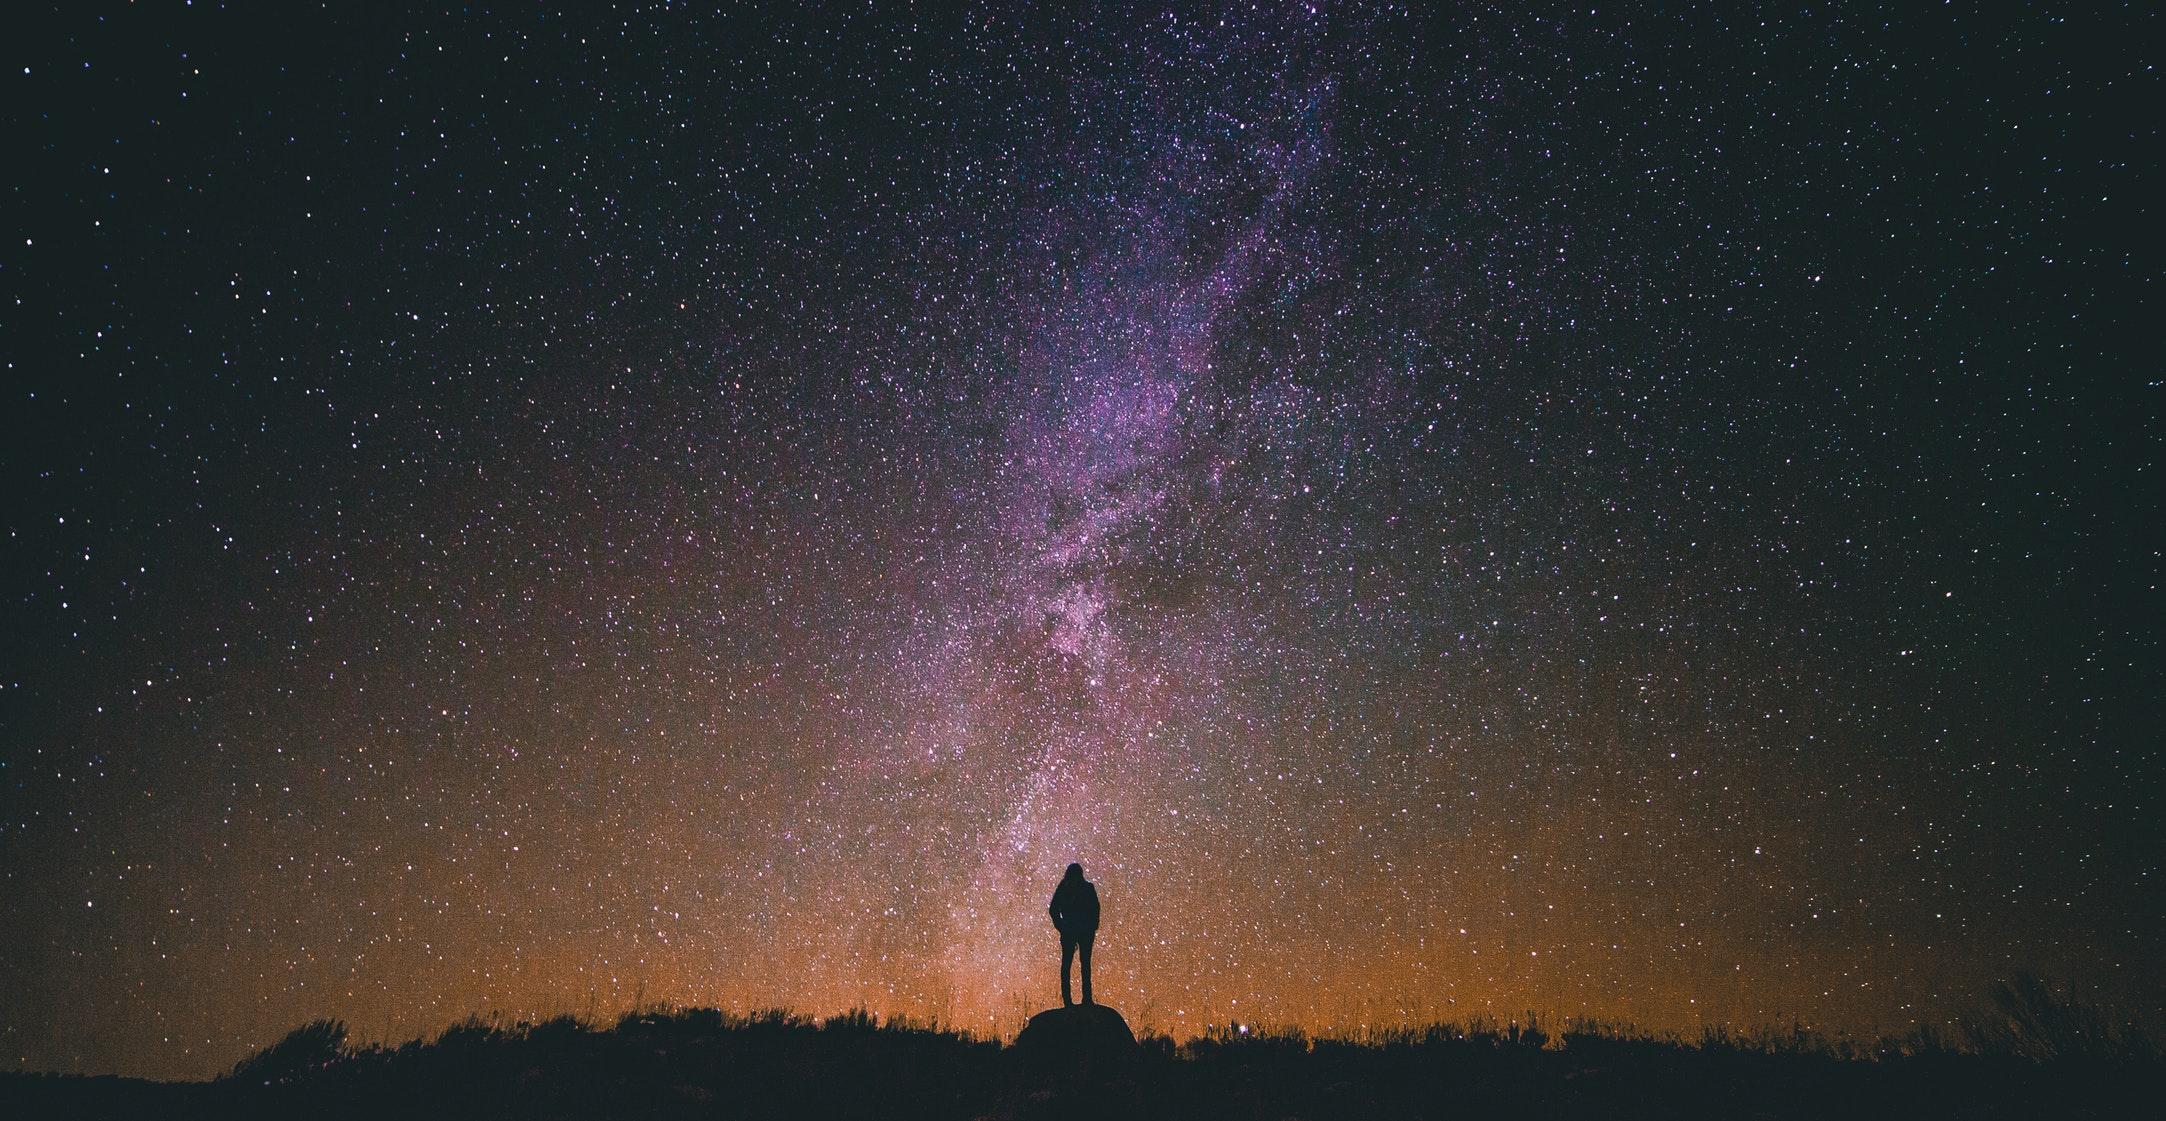 La expansión del universo es una de las evidencias más importantes de que el universo fue creado de la 'nada'.